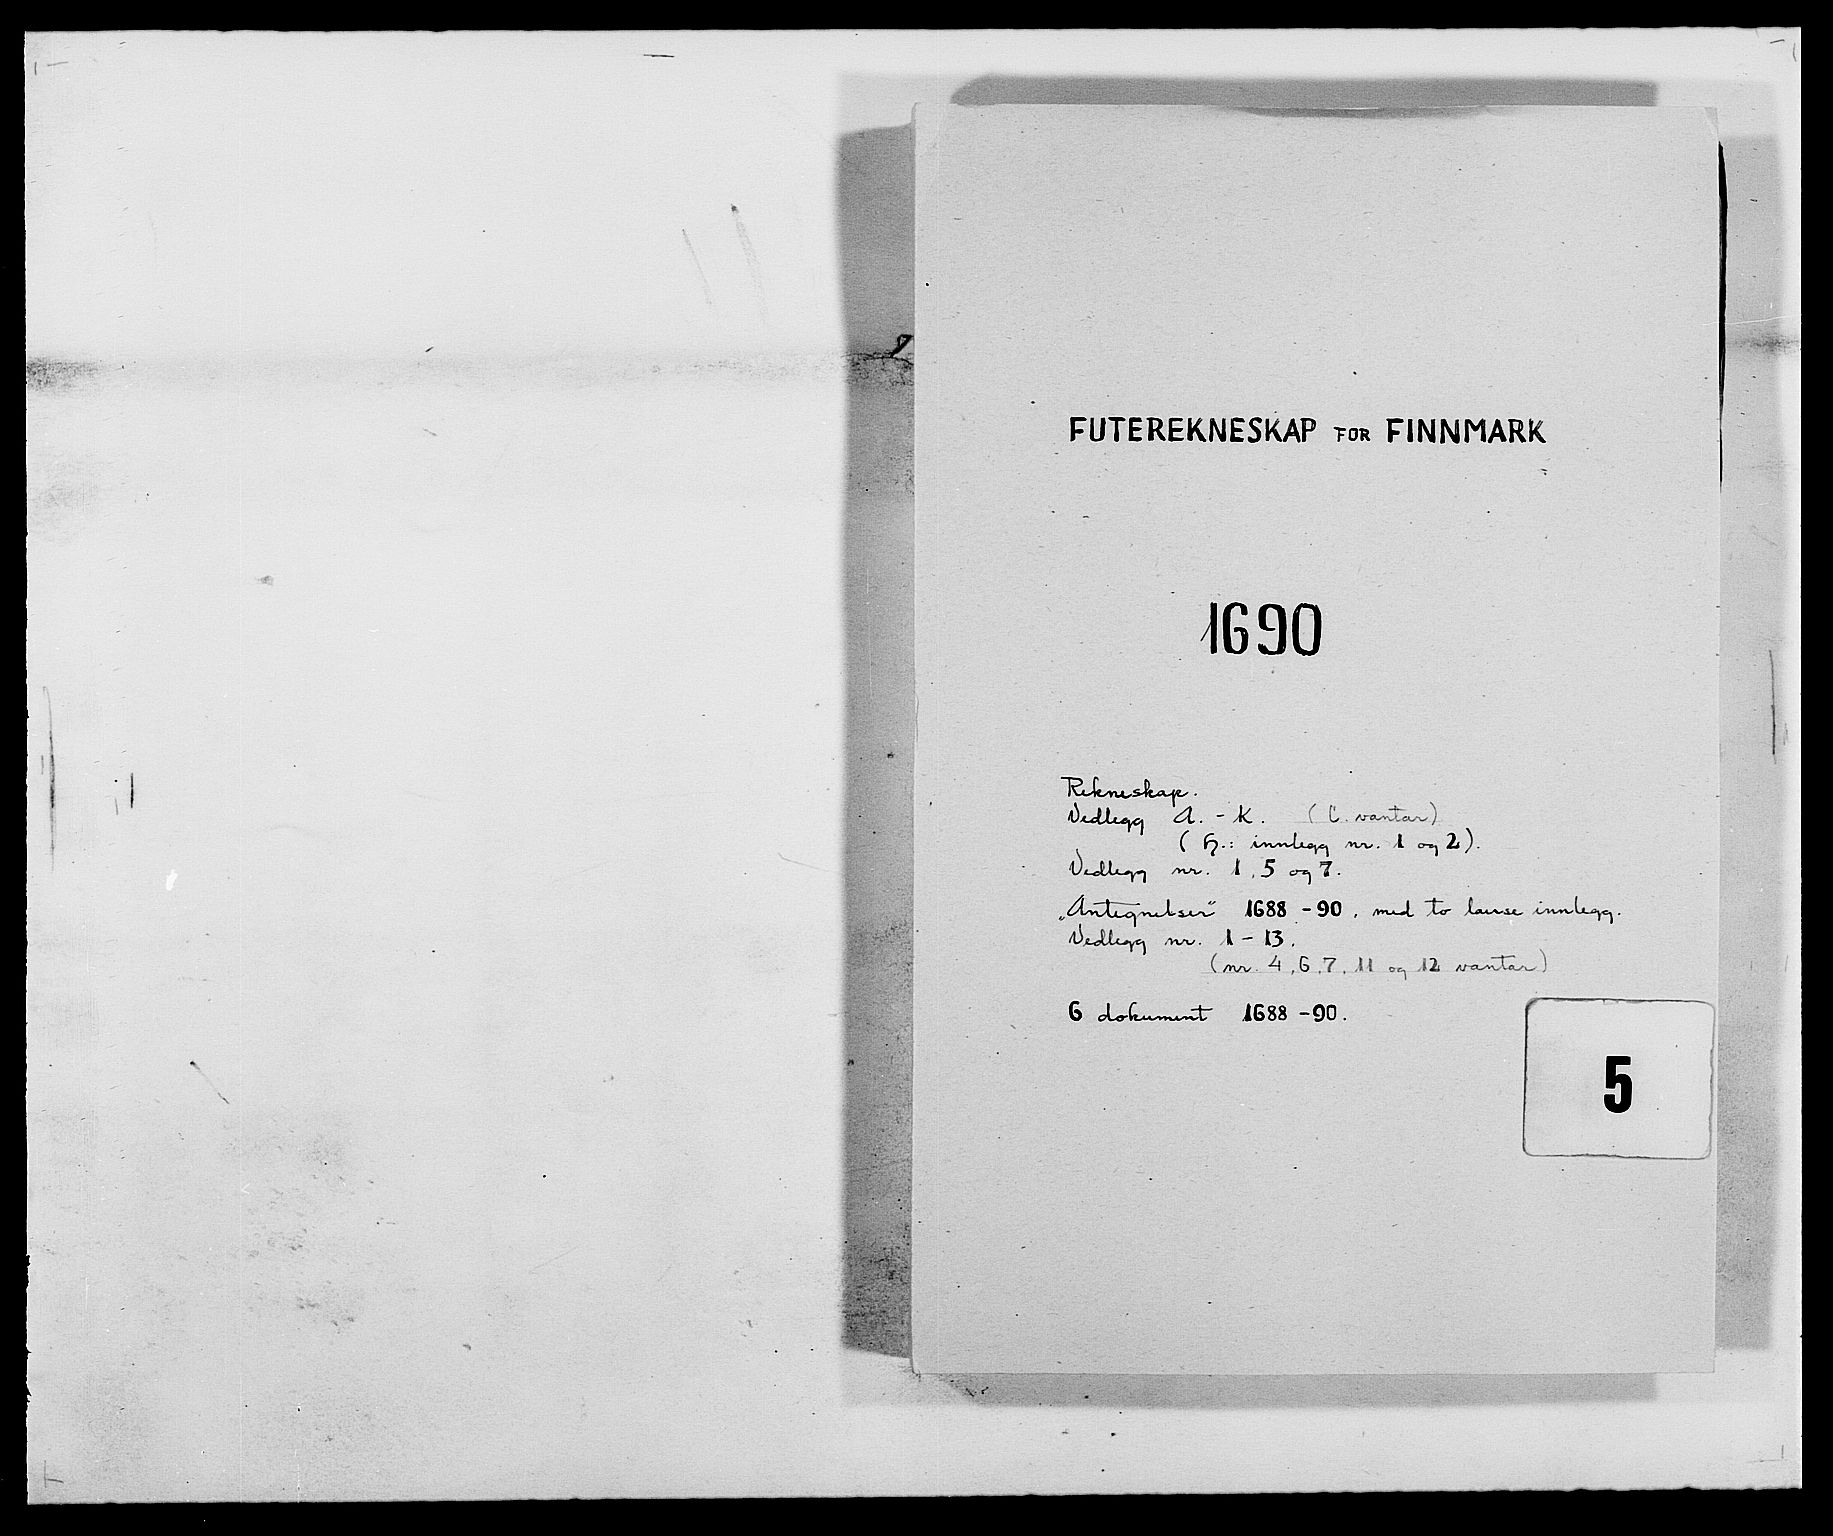 RA, Rentekammeret inntil 1814, Reviderte regnskaper, Fogderegnskap, R69/L4850: Fogderegnskap Finnmark/Vardøhus, 1680-1690, s. 198